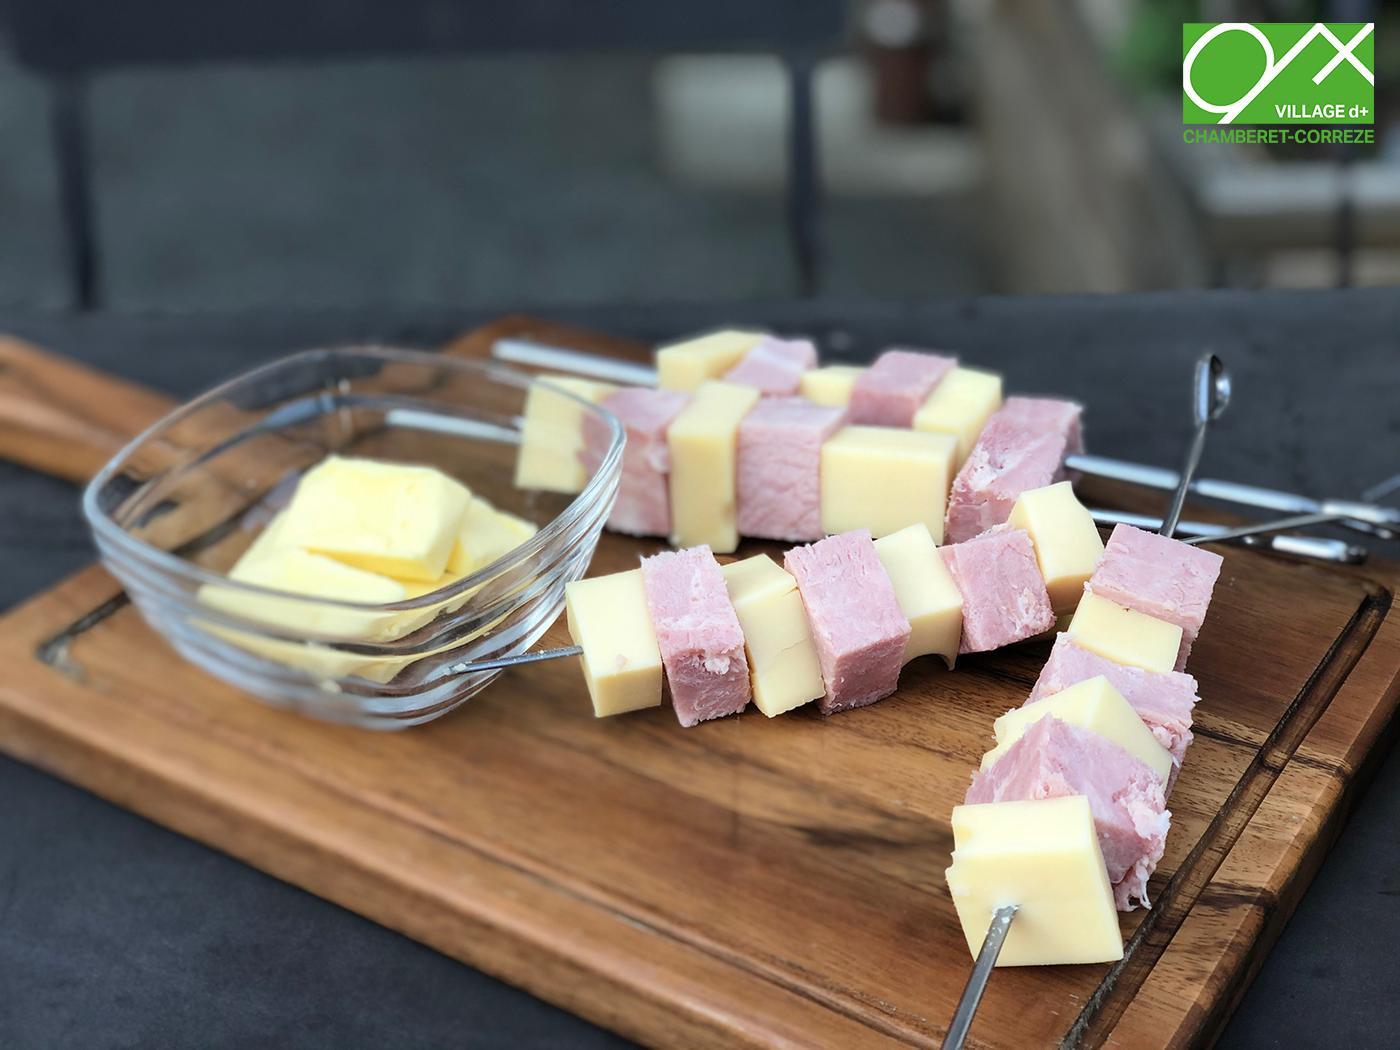 plateau jambon fromage village d+